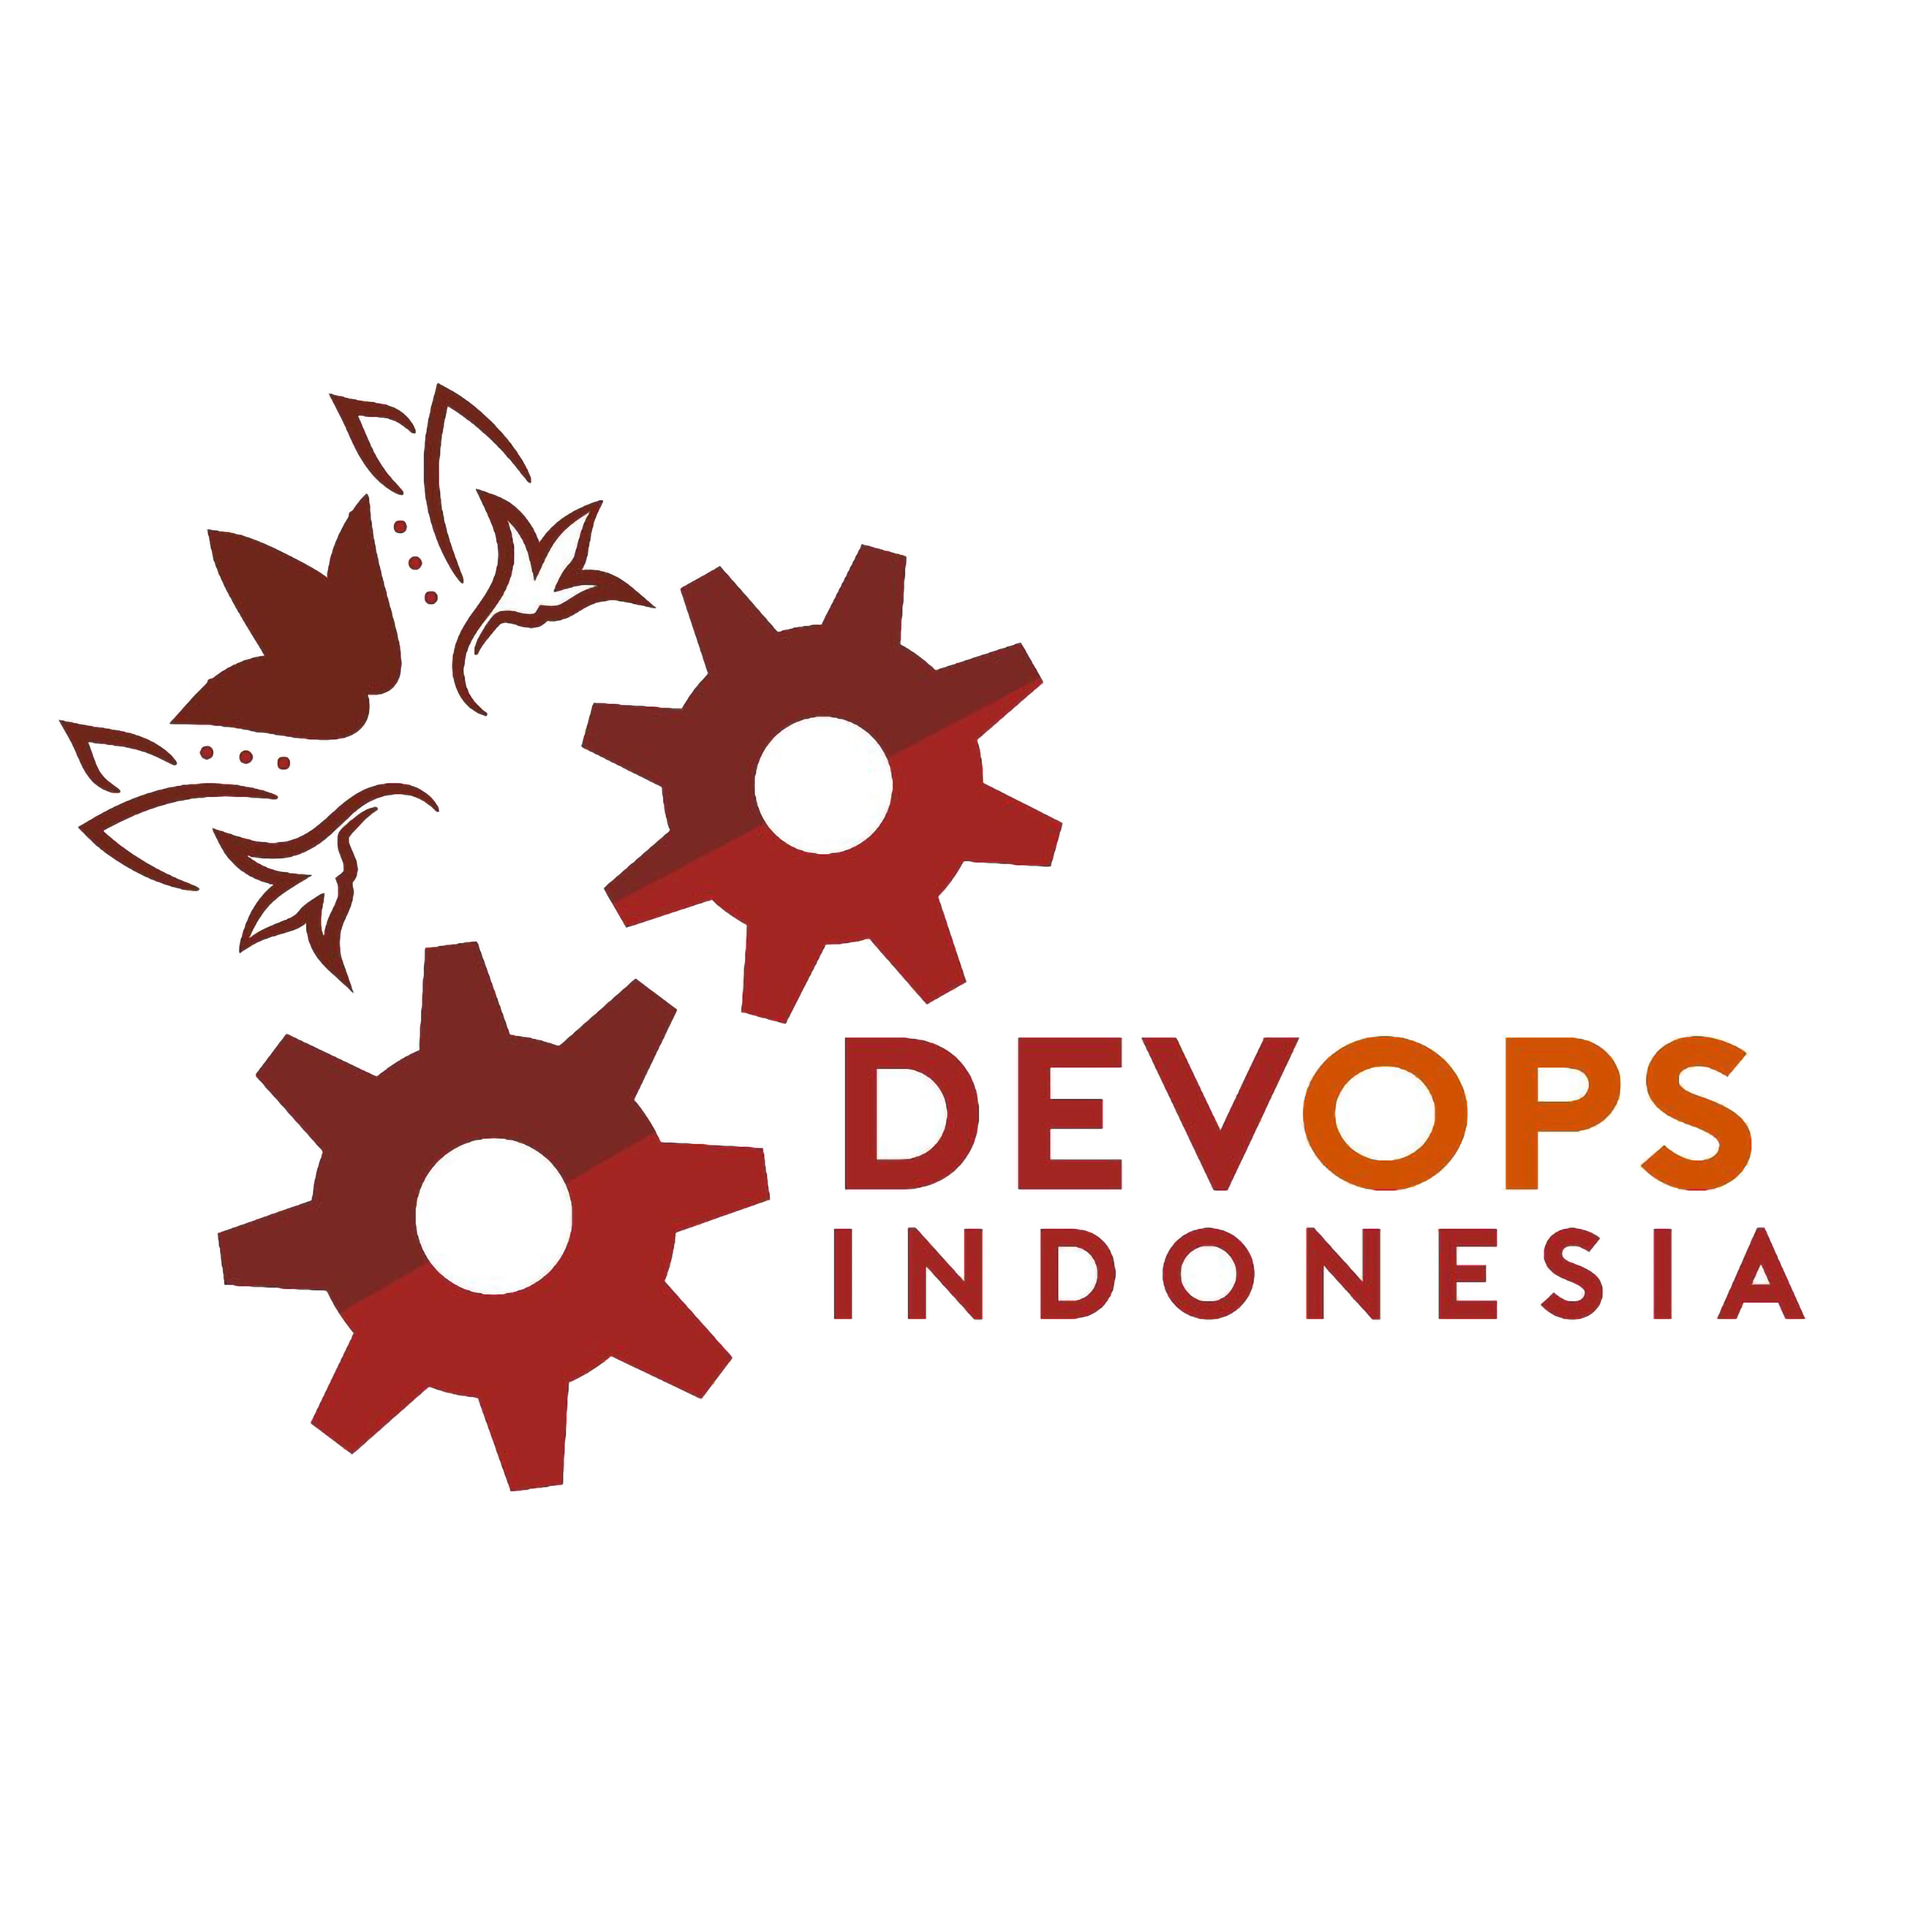 Logo DevOps Indonesia